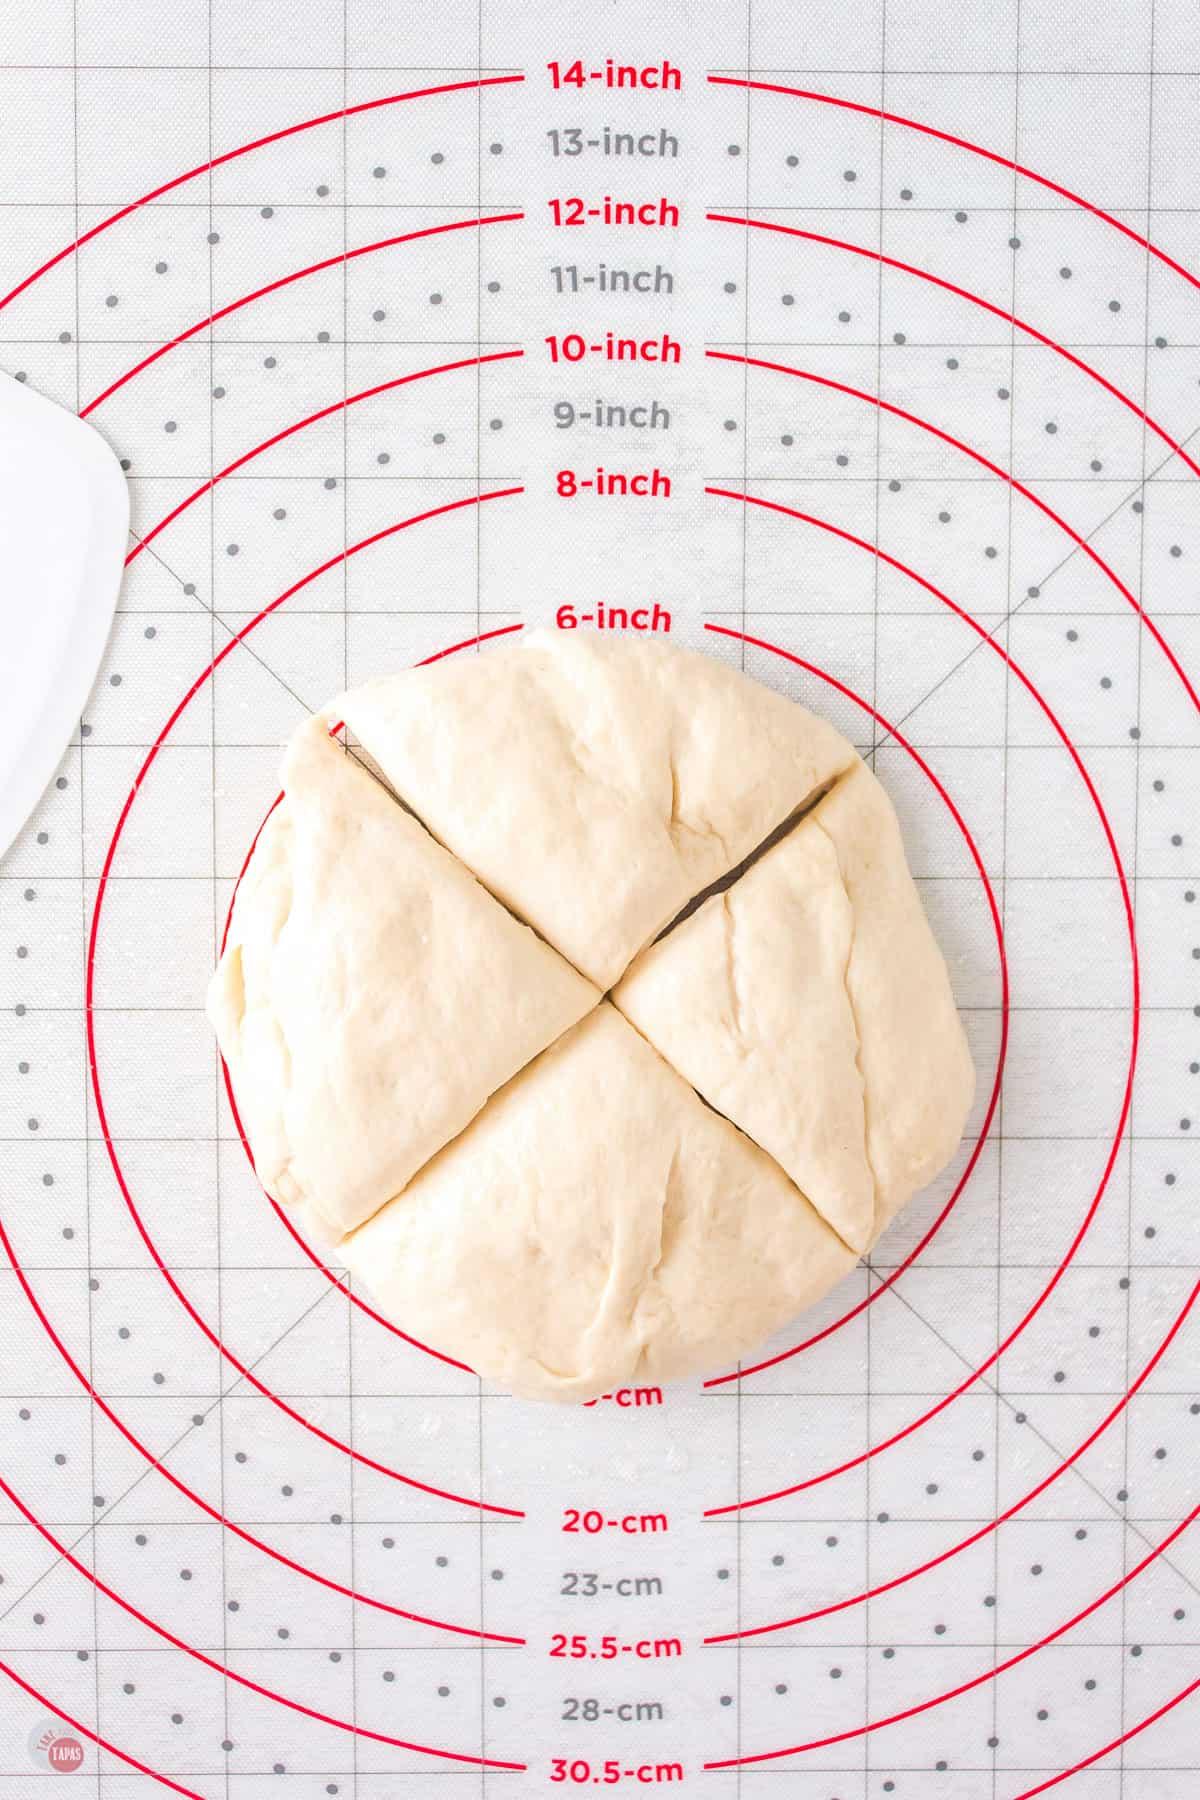 dough cut in quarters